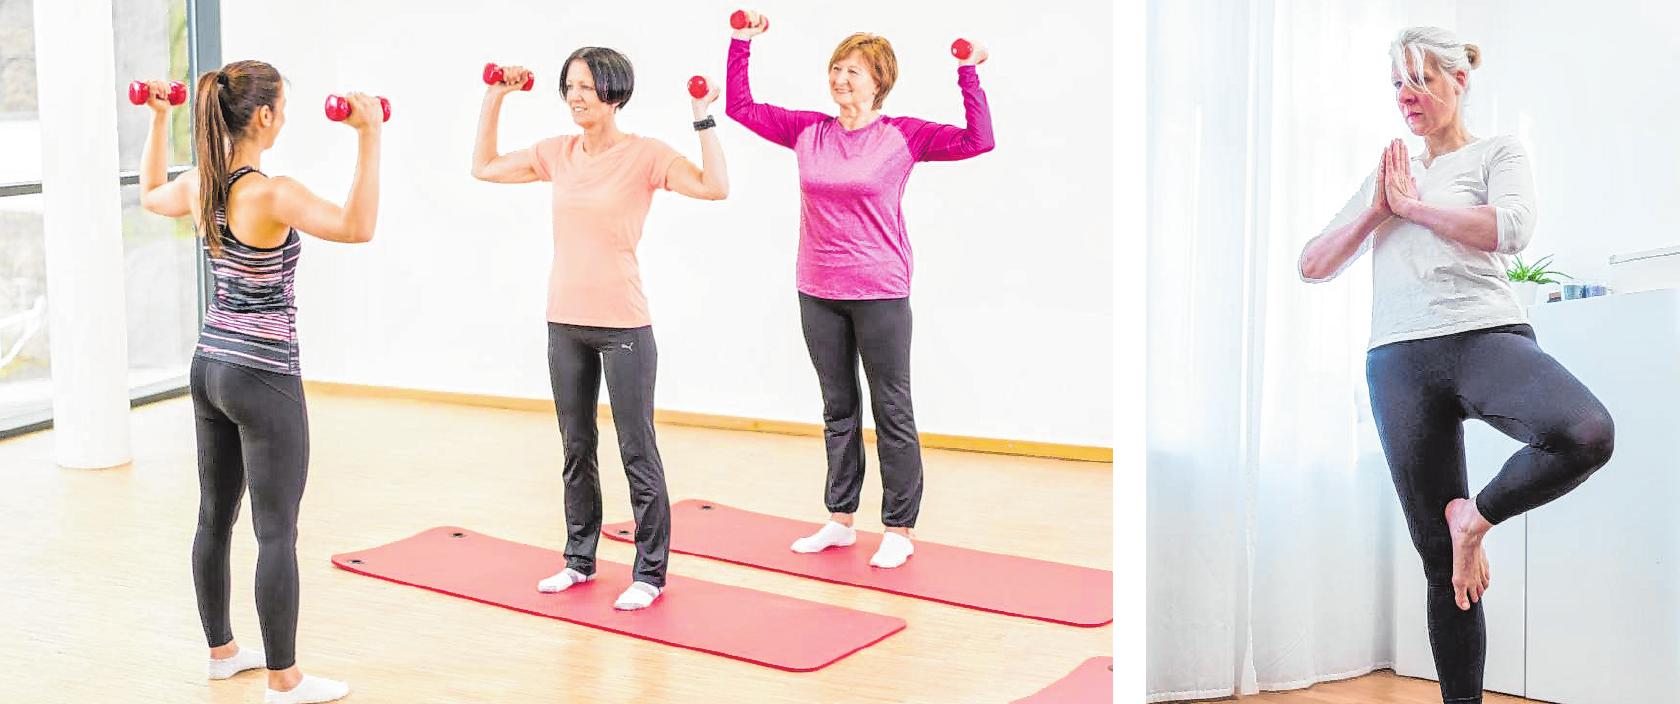 Auch ältere Menschen können von Krafttraining profitieren. In Kursen kann man die richtige Ausführung lernen und sich Übungen abschauen. Yoga eignet sich grundsätzlich auch für ältere Menschen. Neben der physischen Beanspruchung wird der Geist beruhigt. BILDER: DPA